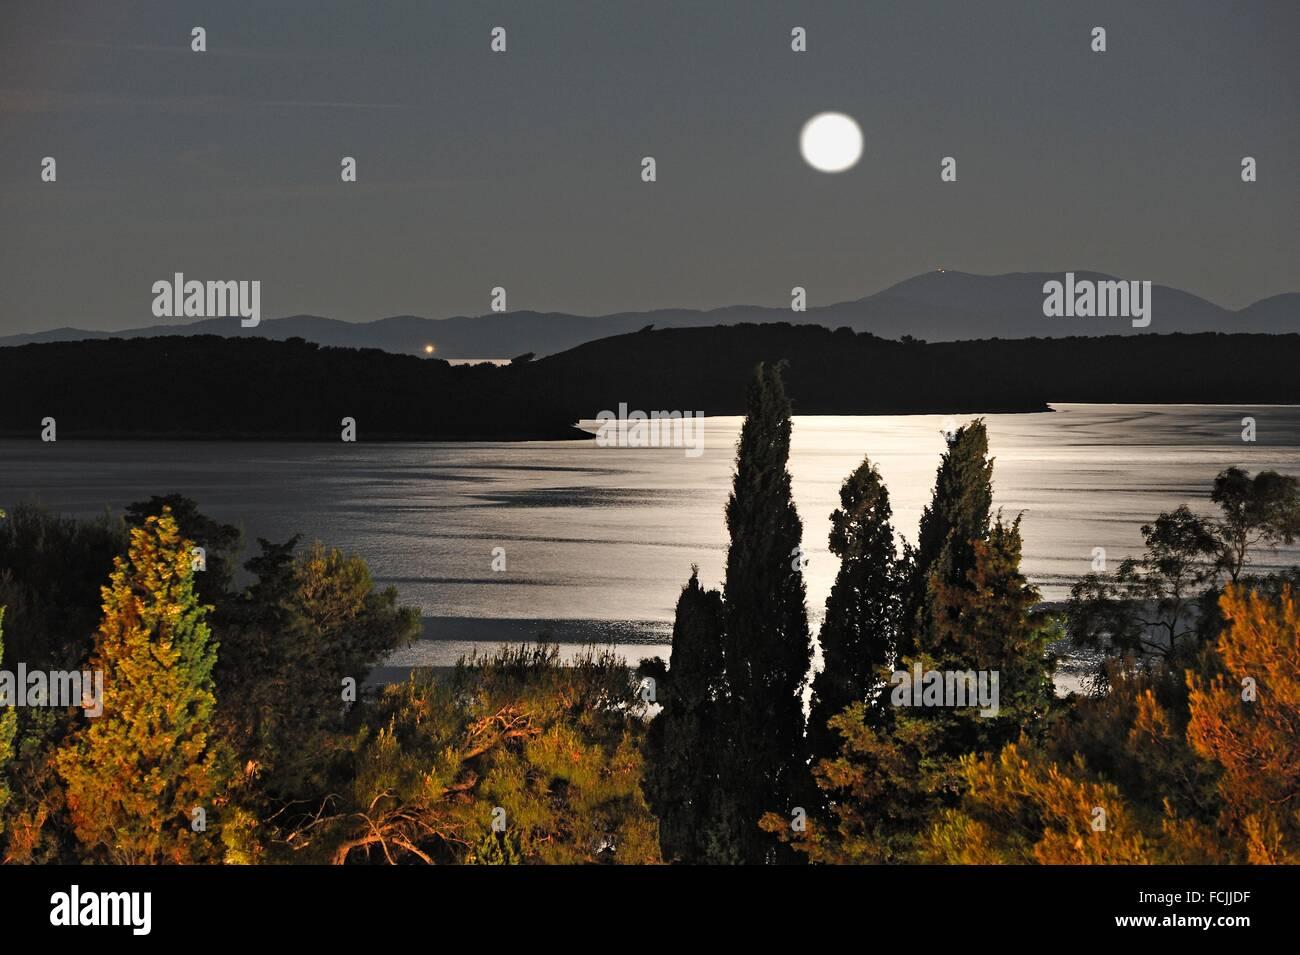 Mondlicht über der Hoellenengel Inseln Pakleni im Hintergrund, Hvar Island, Kroatien, Südost-Europa. Stockbild